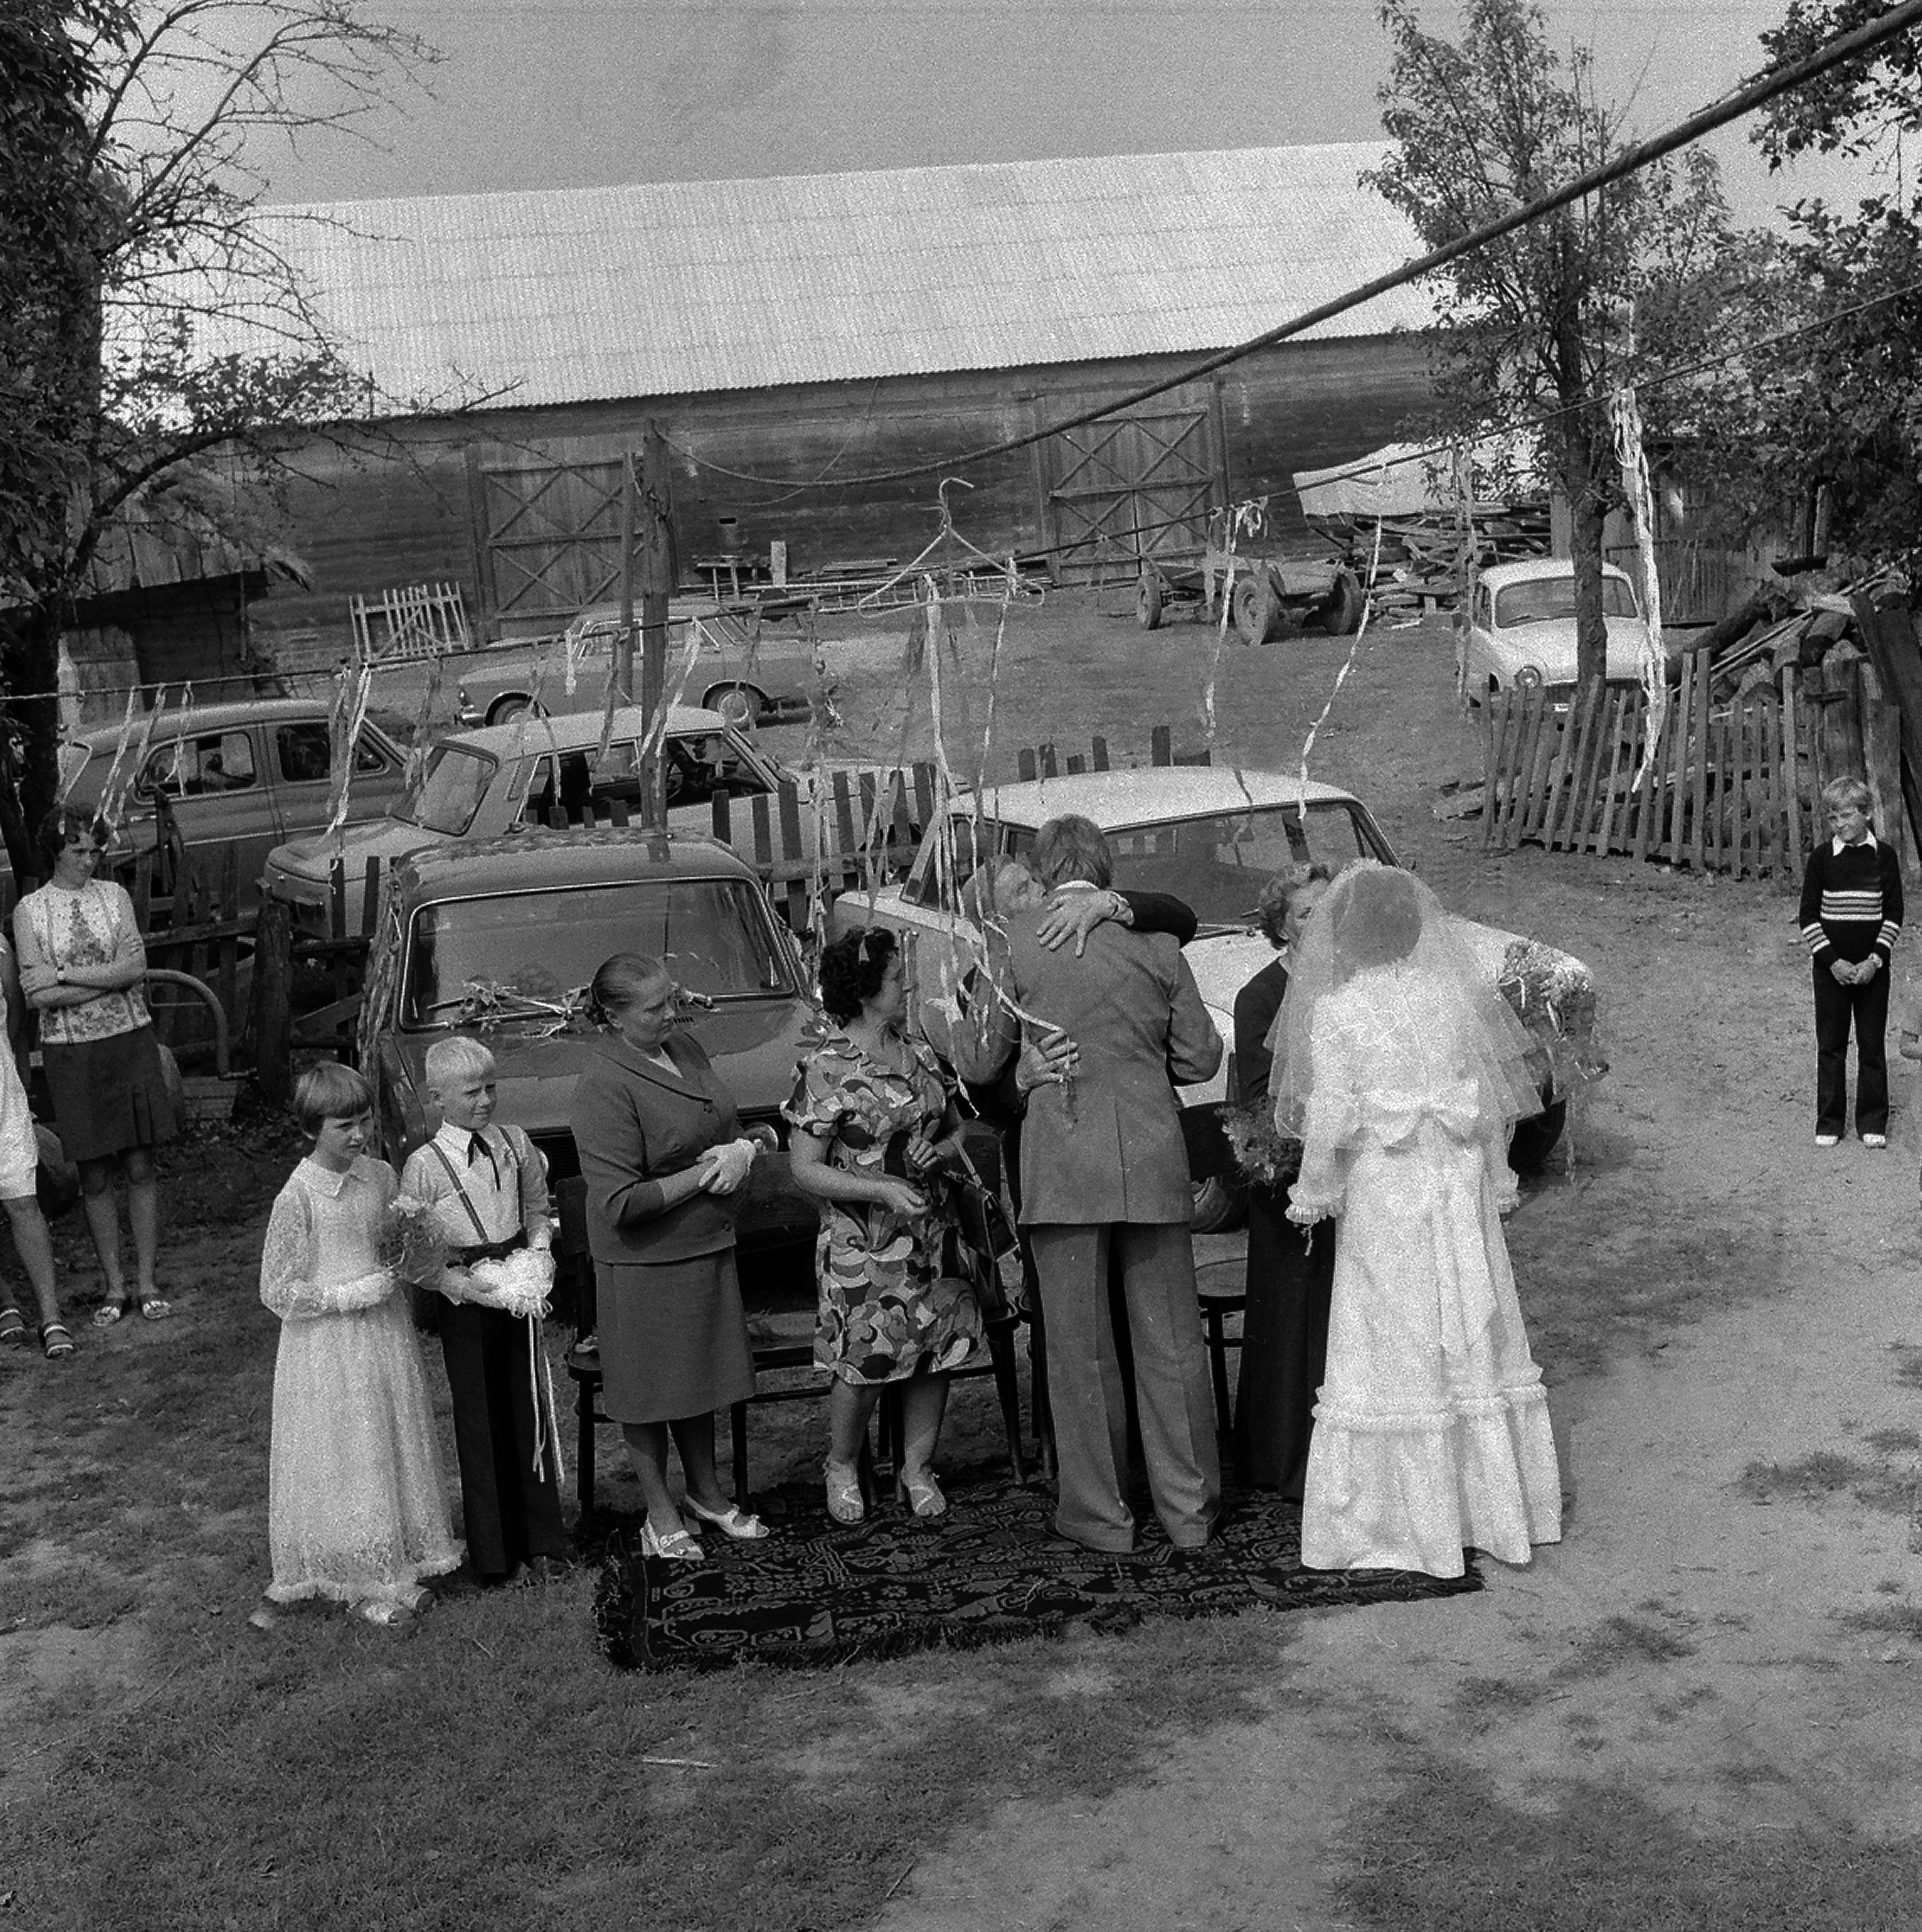 Okolice Siemiatycz, 08.1975. Wesele na wsi. Fot. Aleksander Jałosiński/FORUM